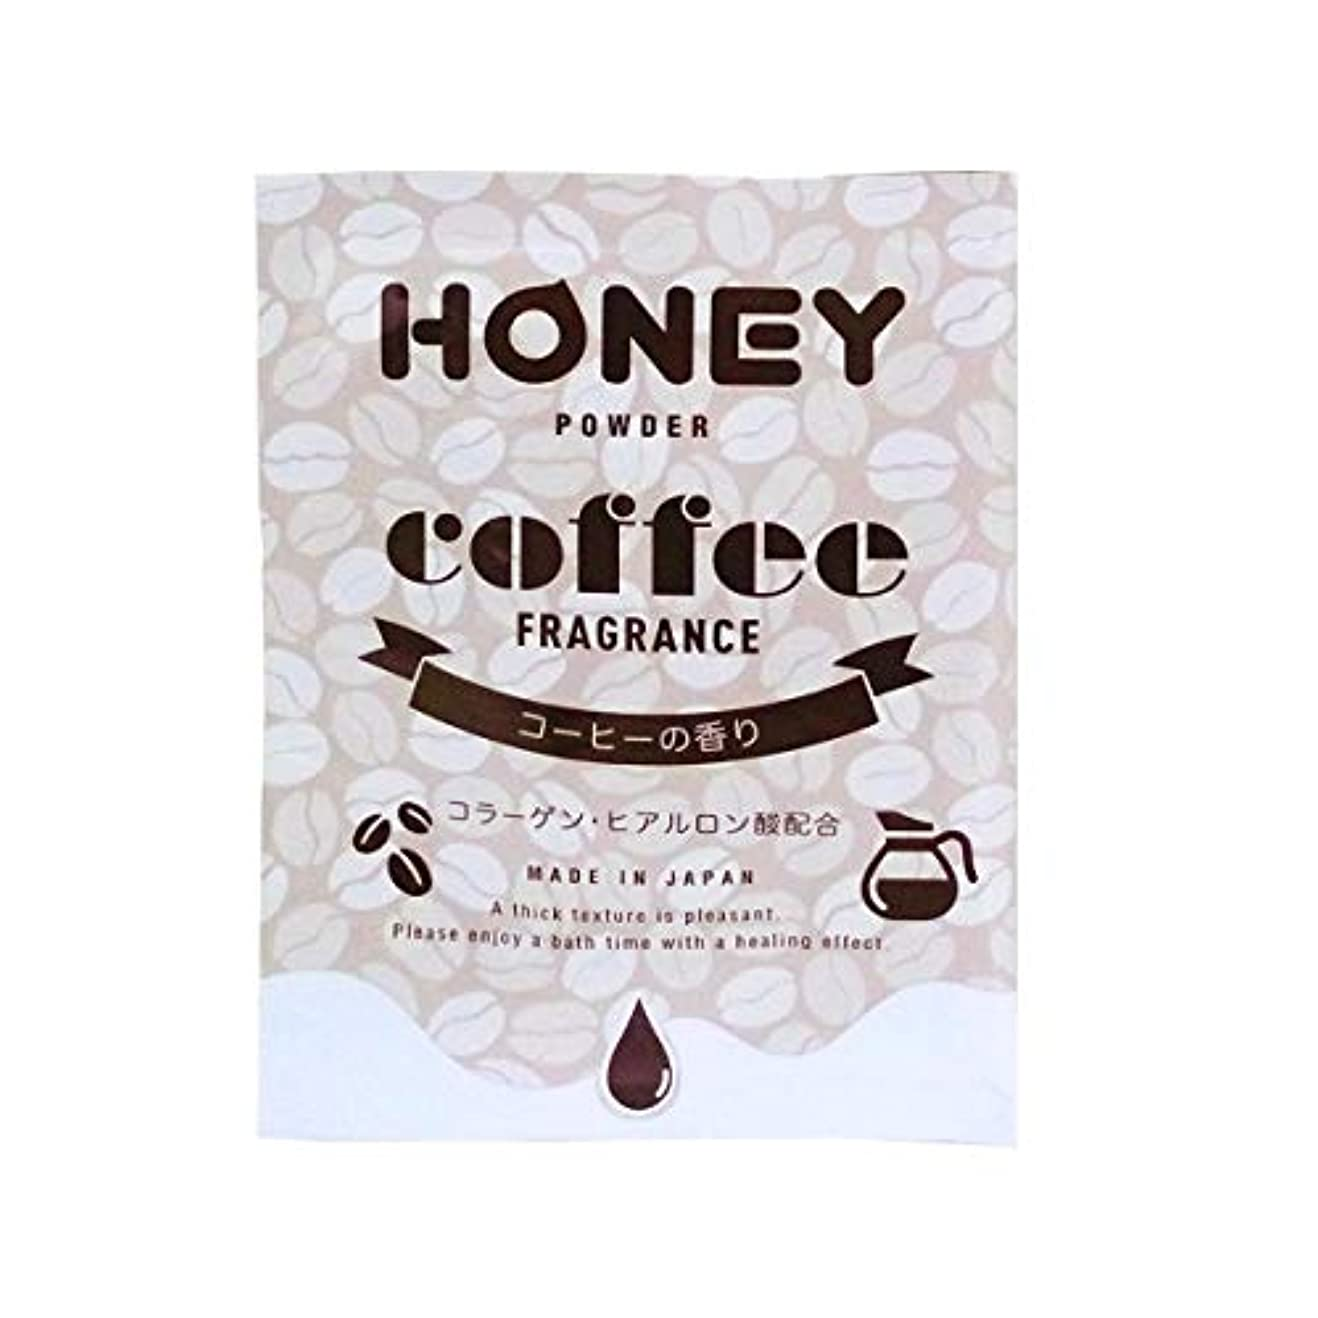 トランペットリスナー鑑定とろとろ入浴剤【honey powder】(ハニーパウダー) 2個セット コーヒーの香り 粉末タイプ ローション